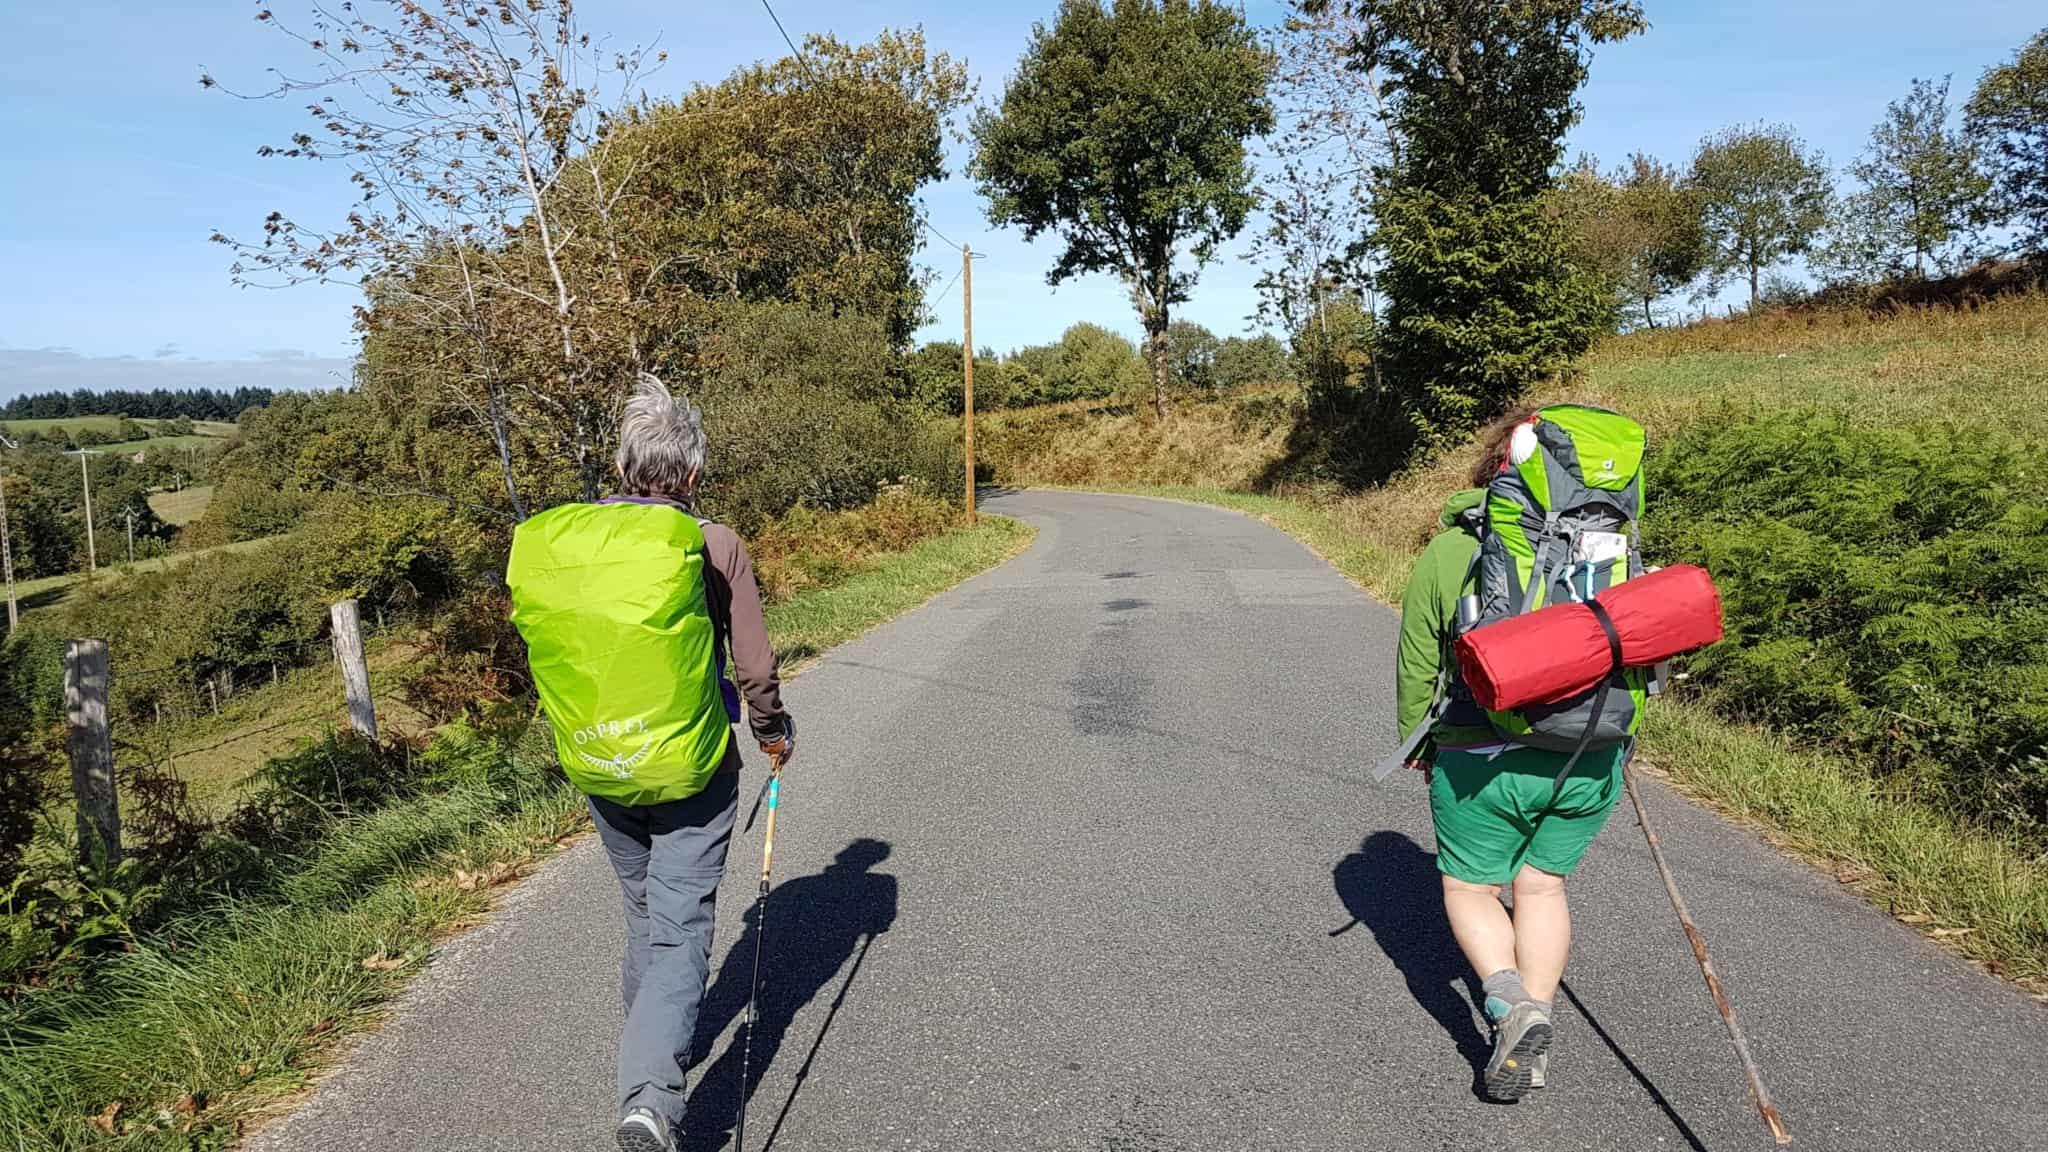 Chemin de Compostelle, nous arrivons à Conques après 204 km parcourus 😁 7